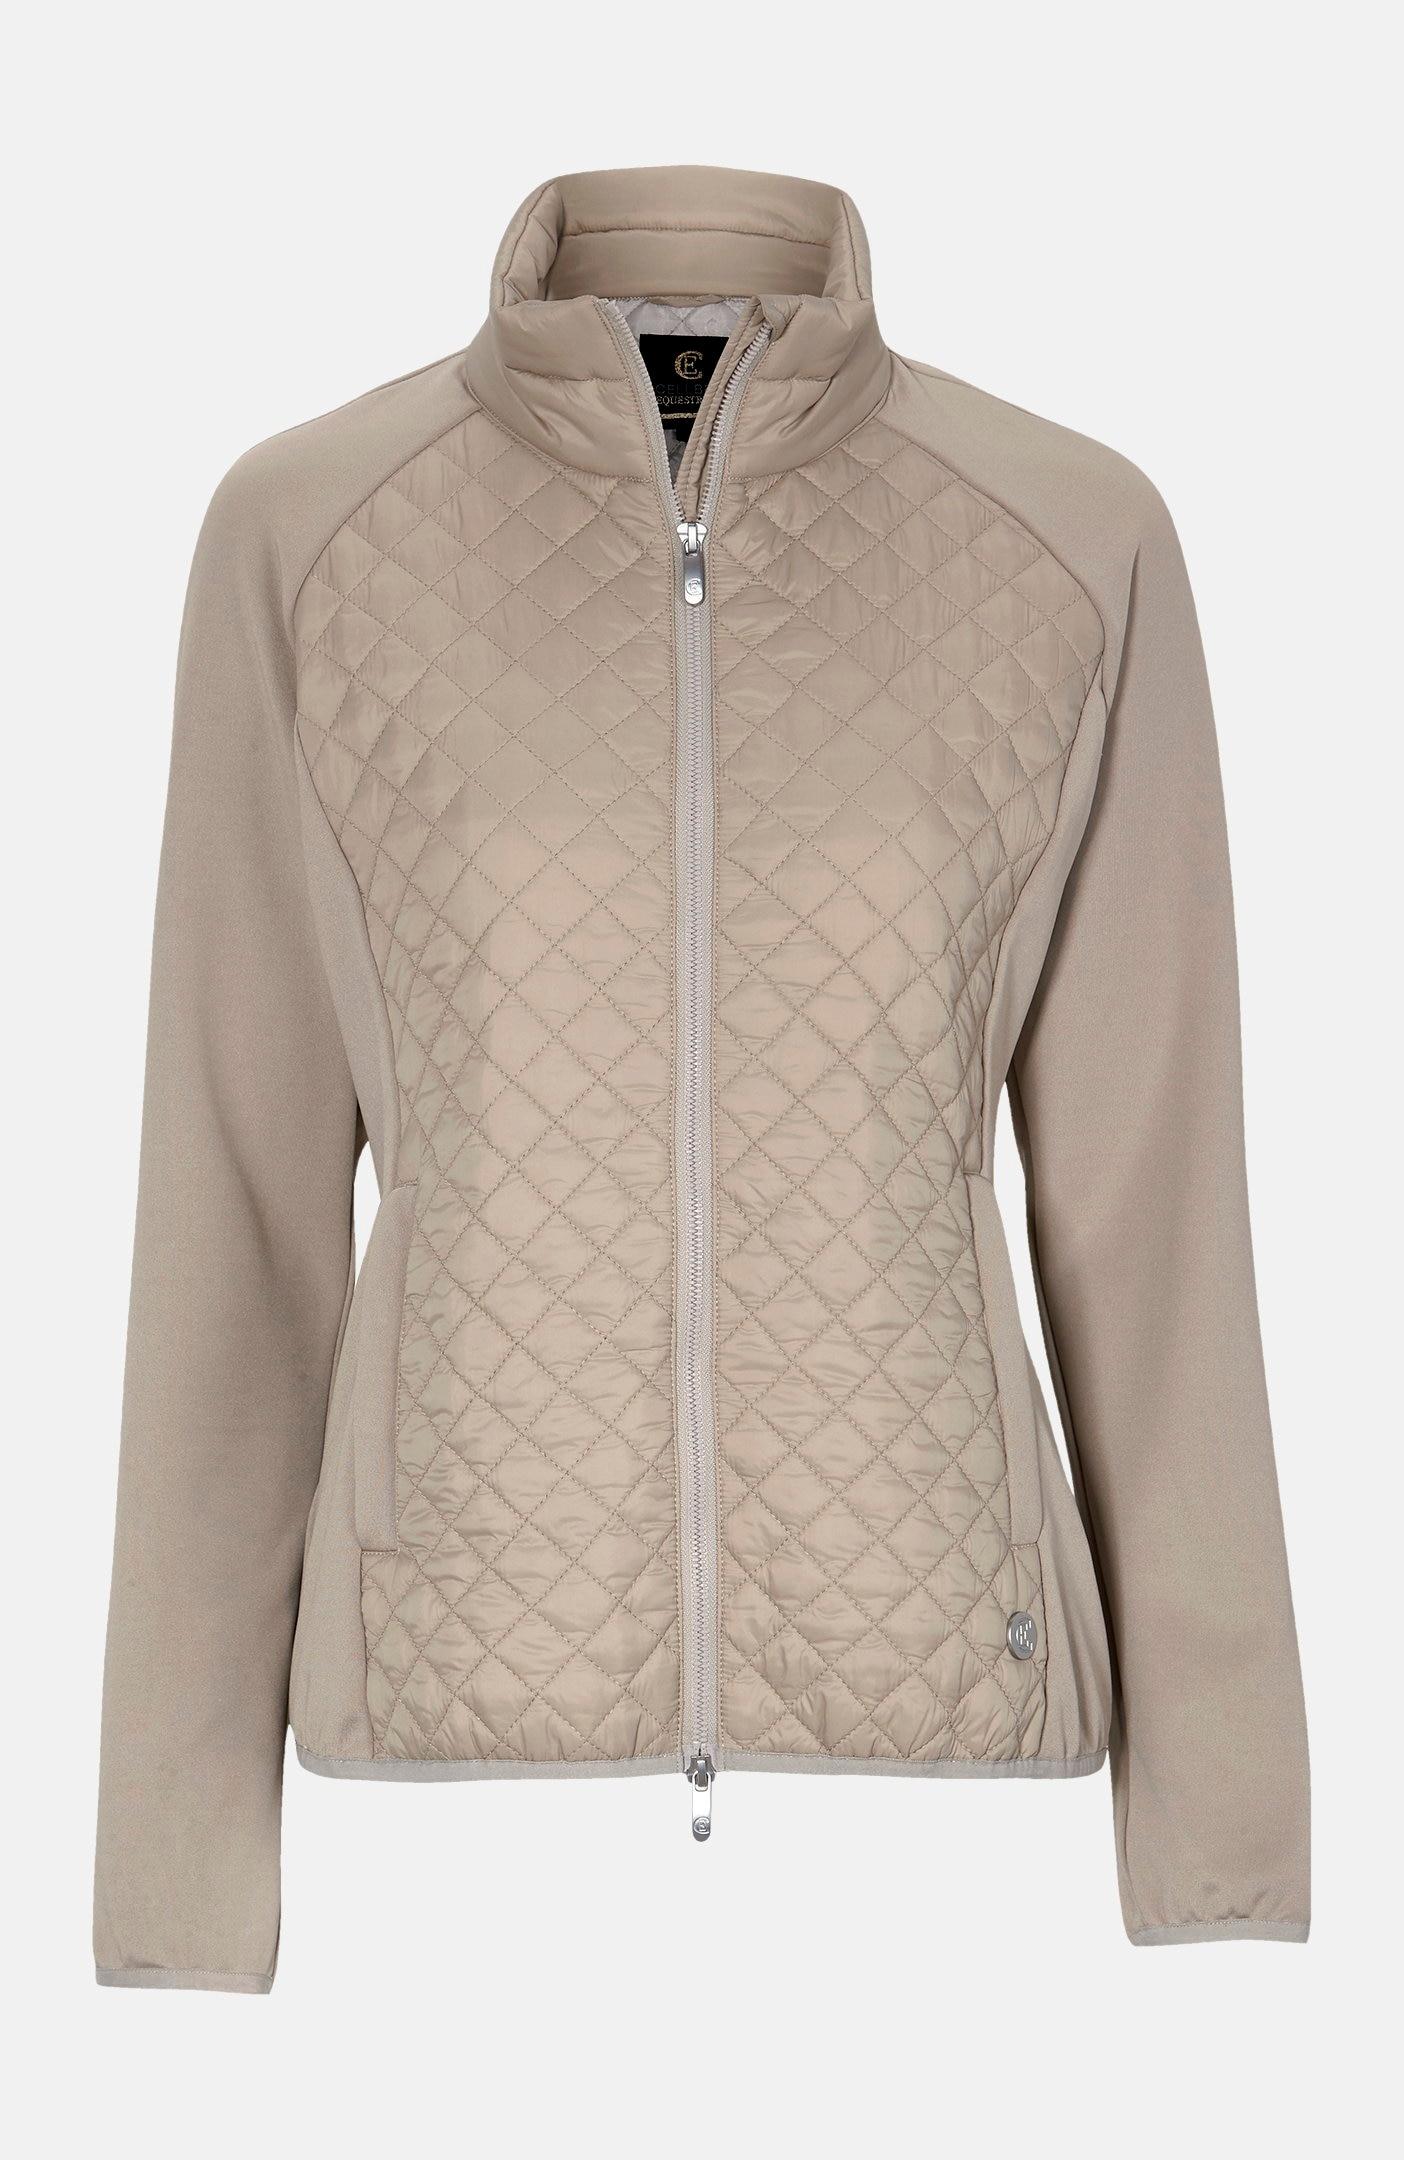 Polsterēta softshell jaka